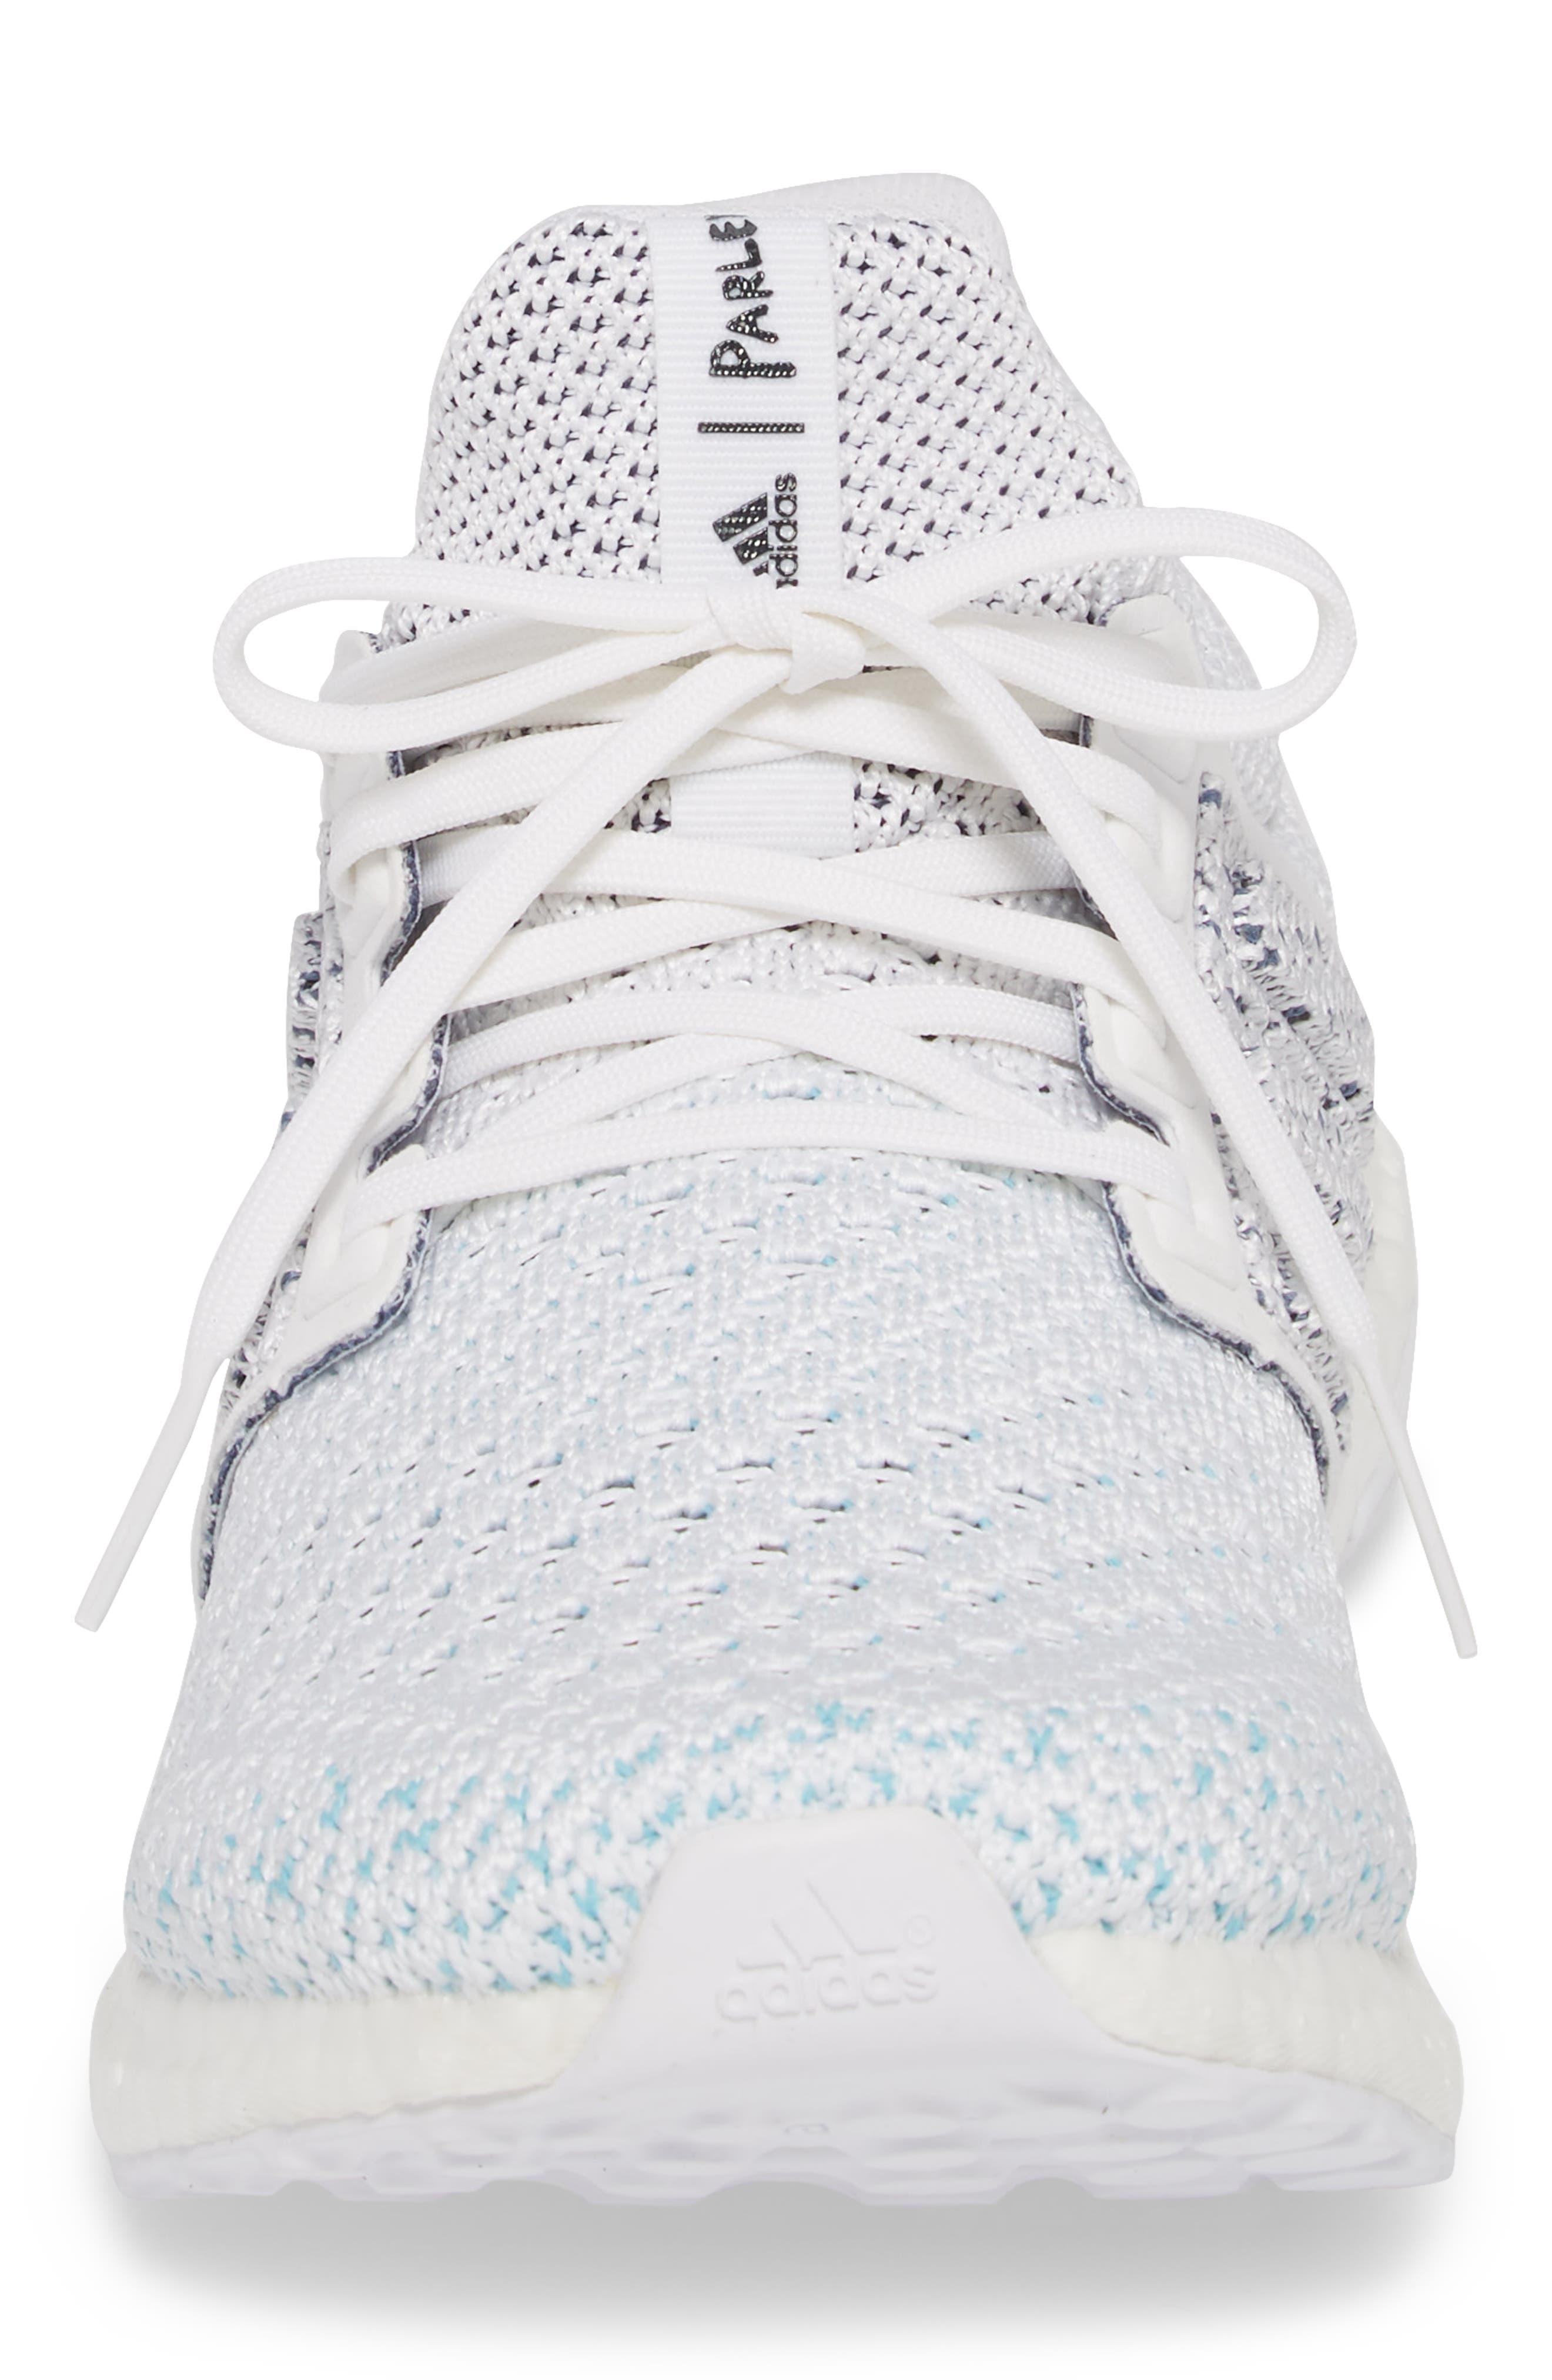 Parley UltraBoost Sneaker,                             Alternate thumbnail 4, color,                             WHITE/ BLUE SPIRIT